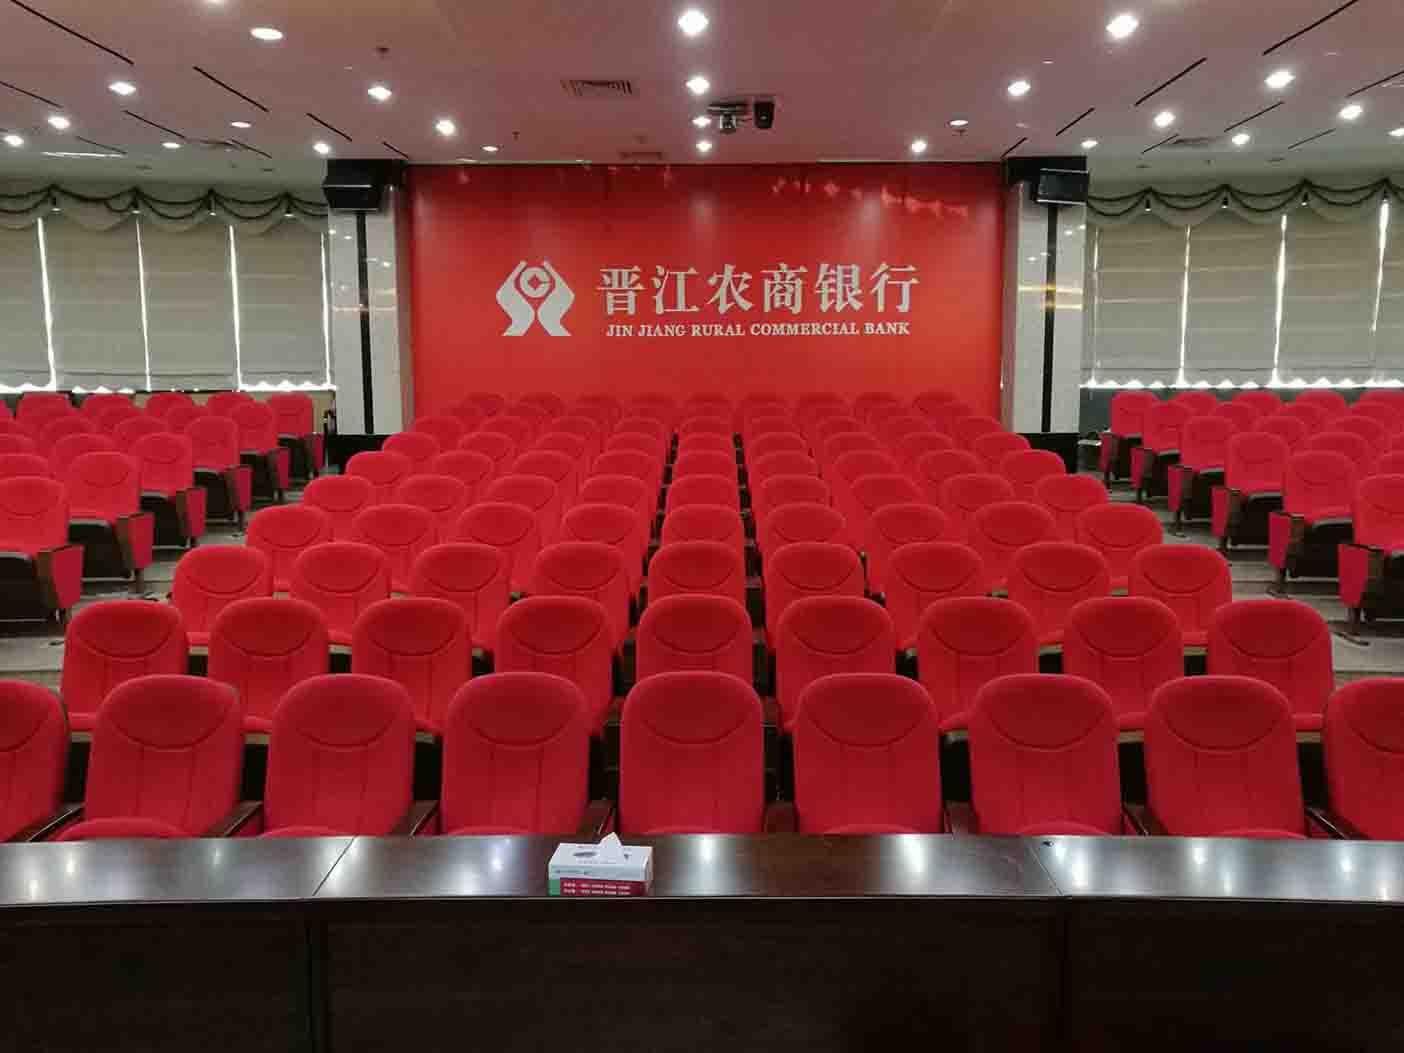 福建晋江农商银行